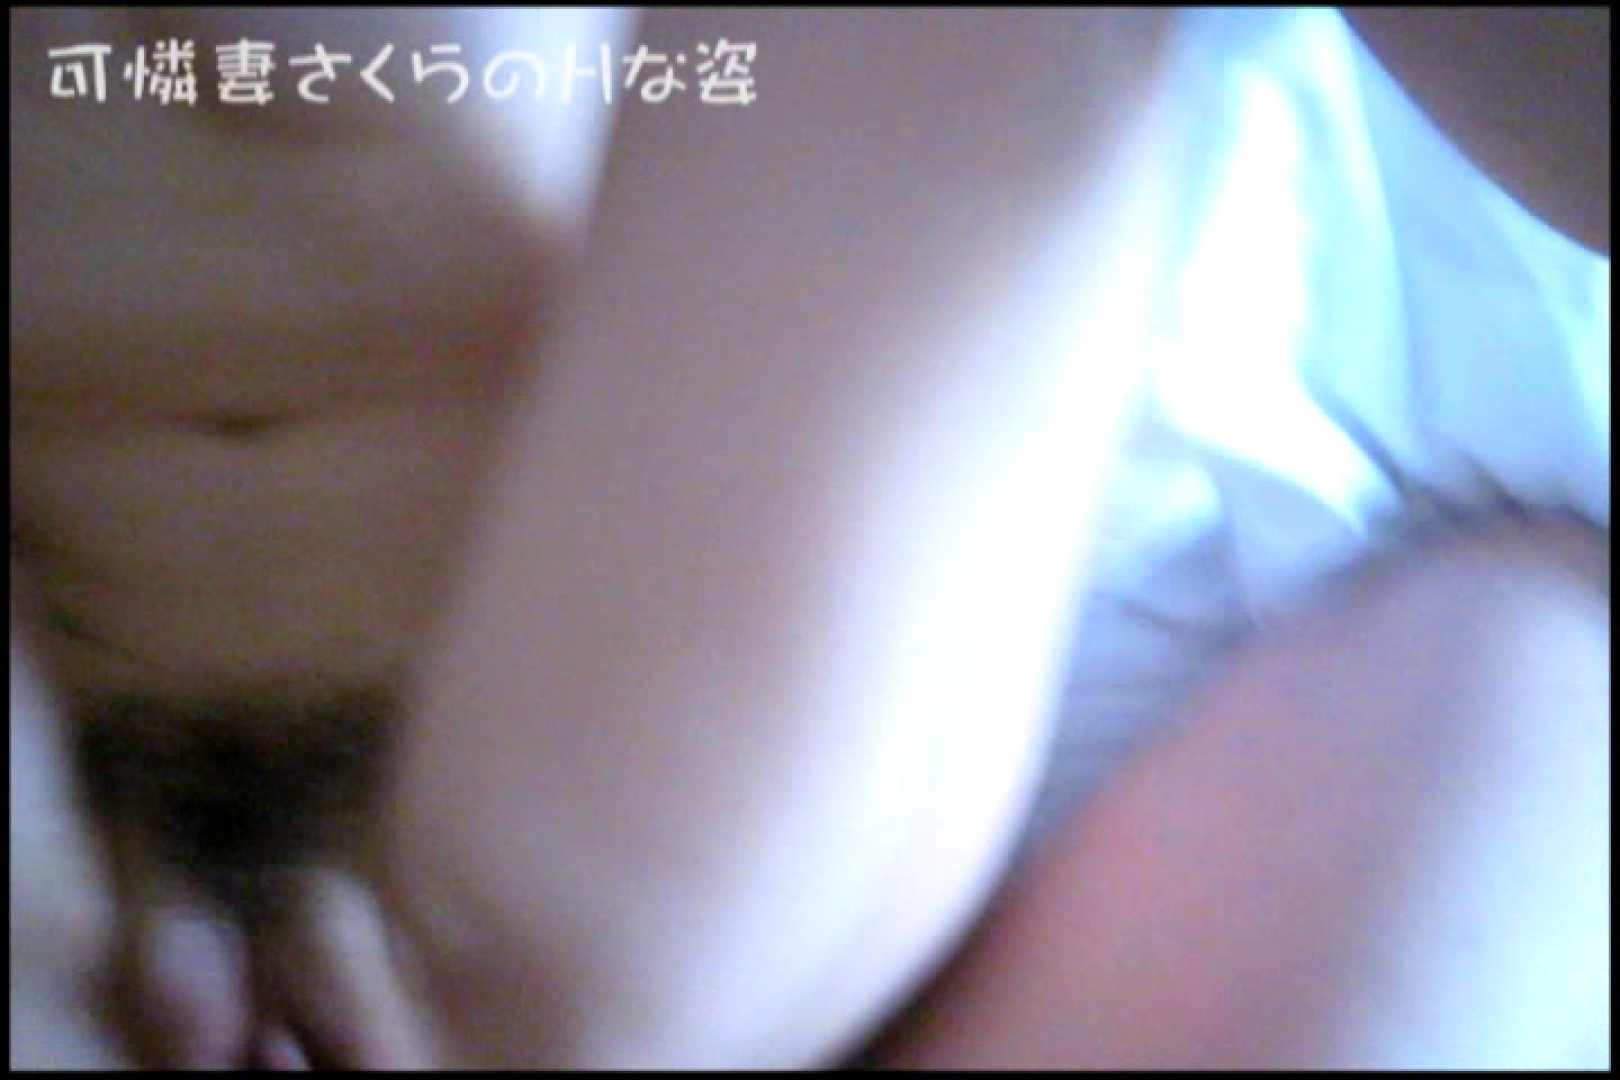 可憐妻さくらのHな姿vol.11 美しいOLの裸体 ワレメ無修正動画無料 101pic 20